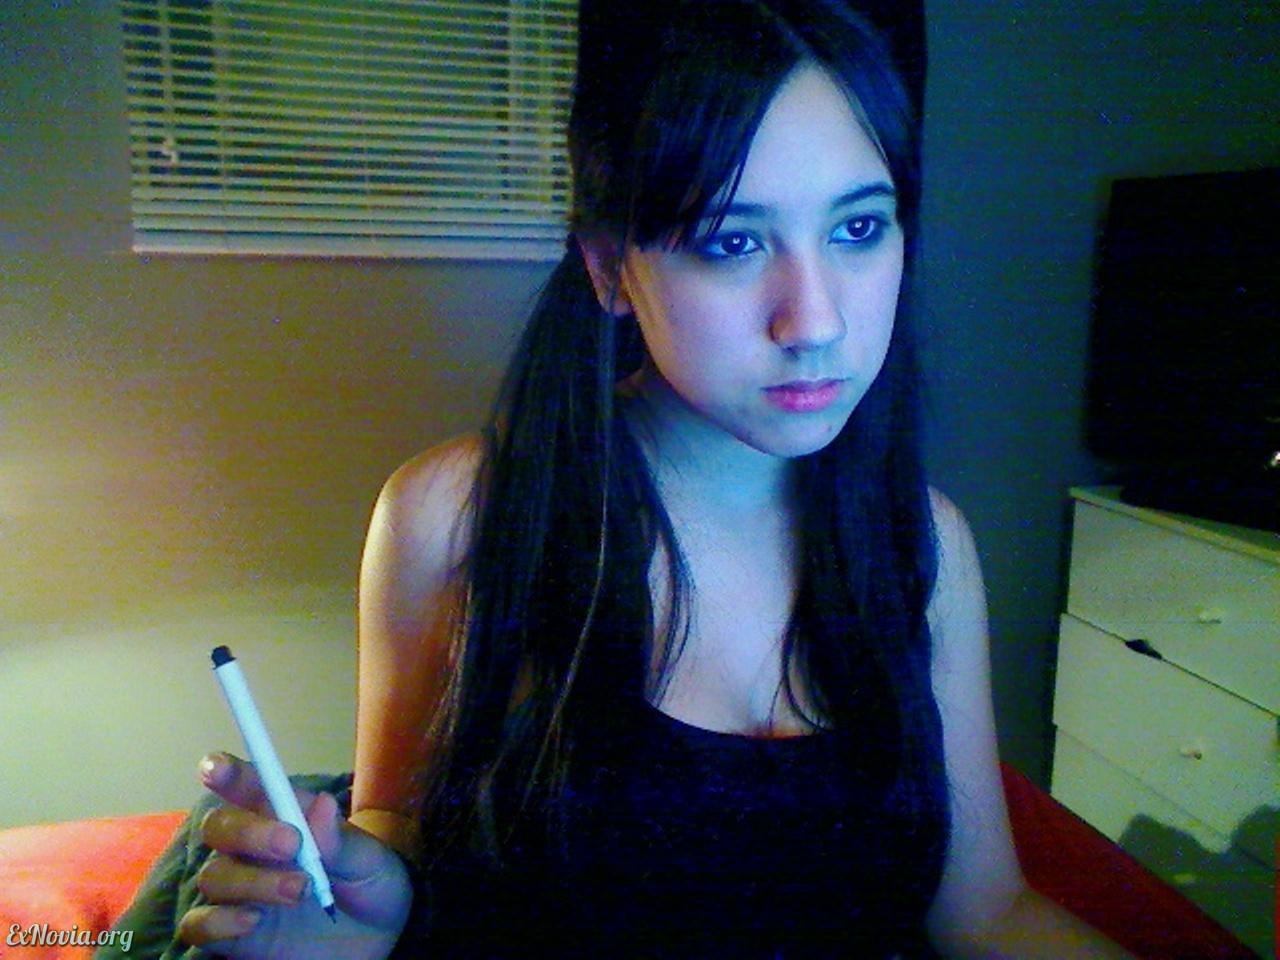 chicas en la webcam